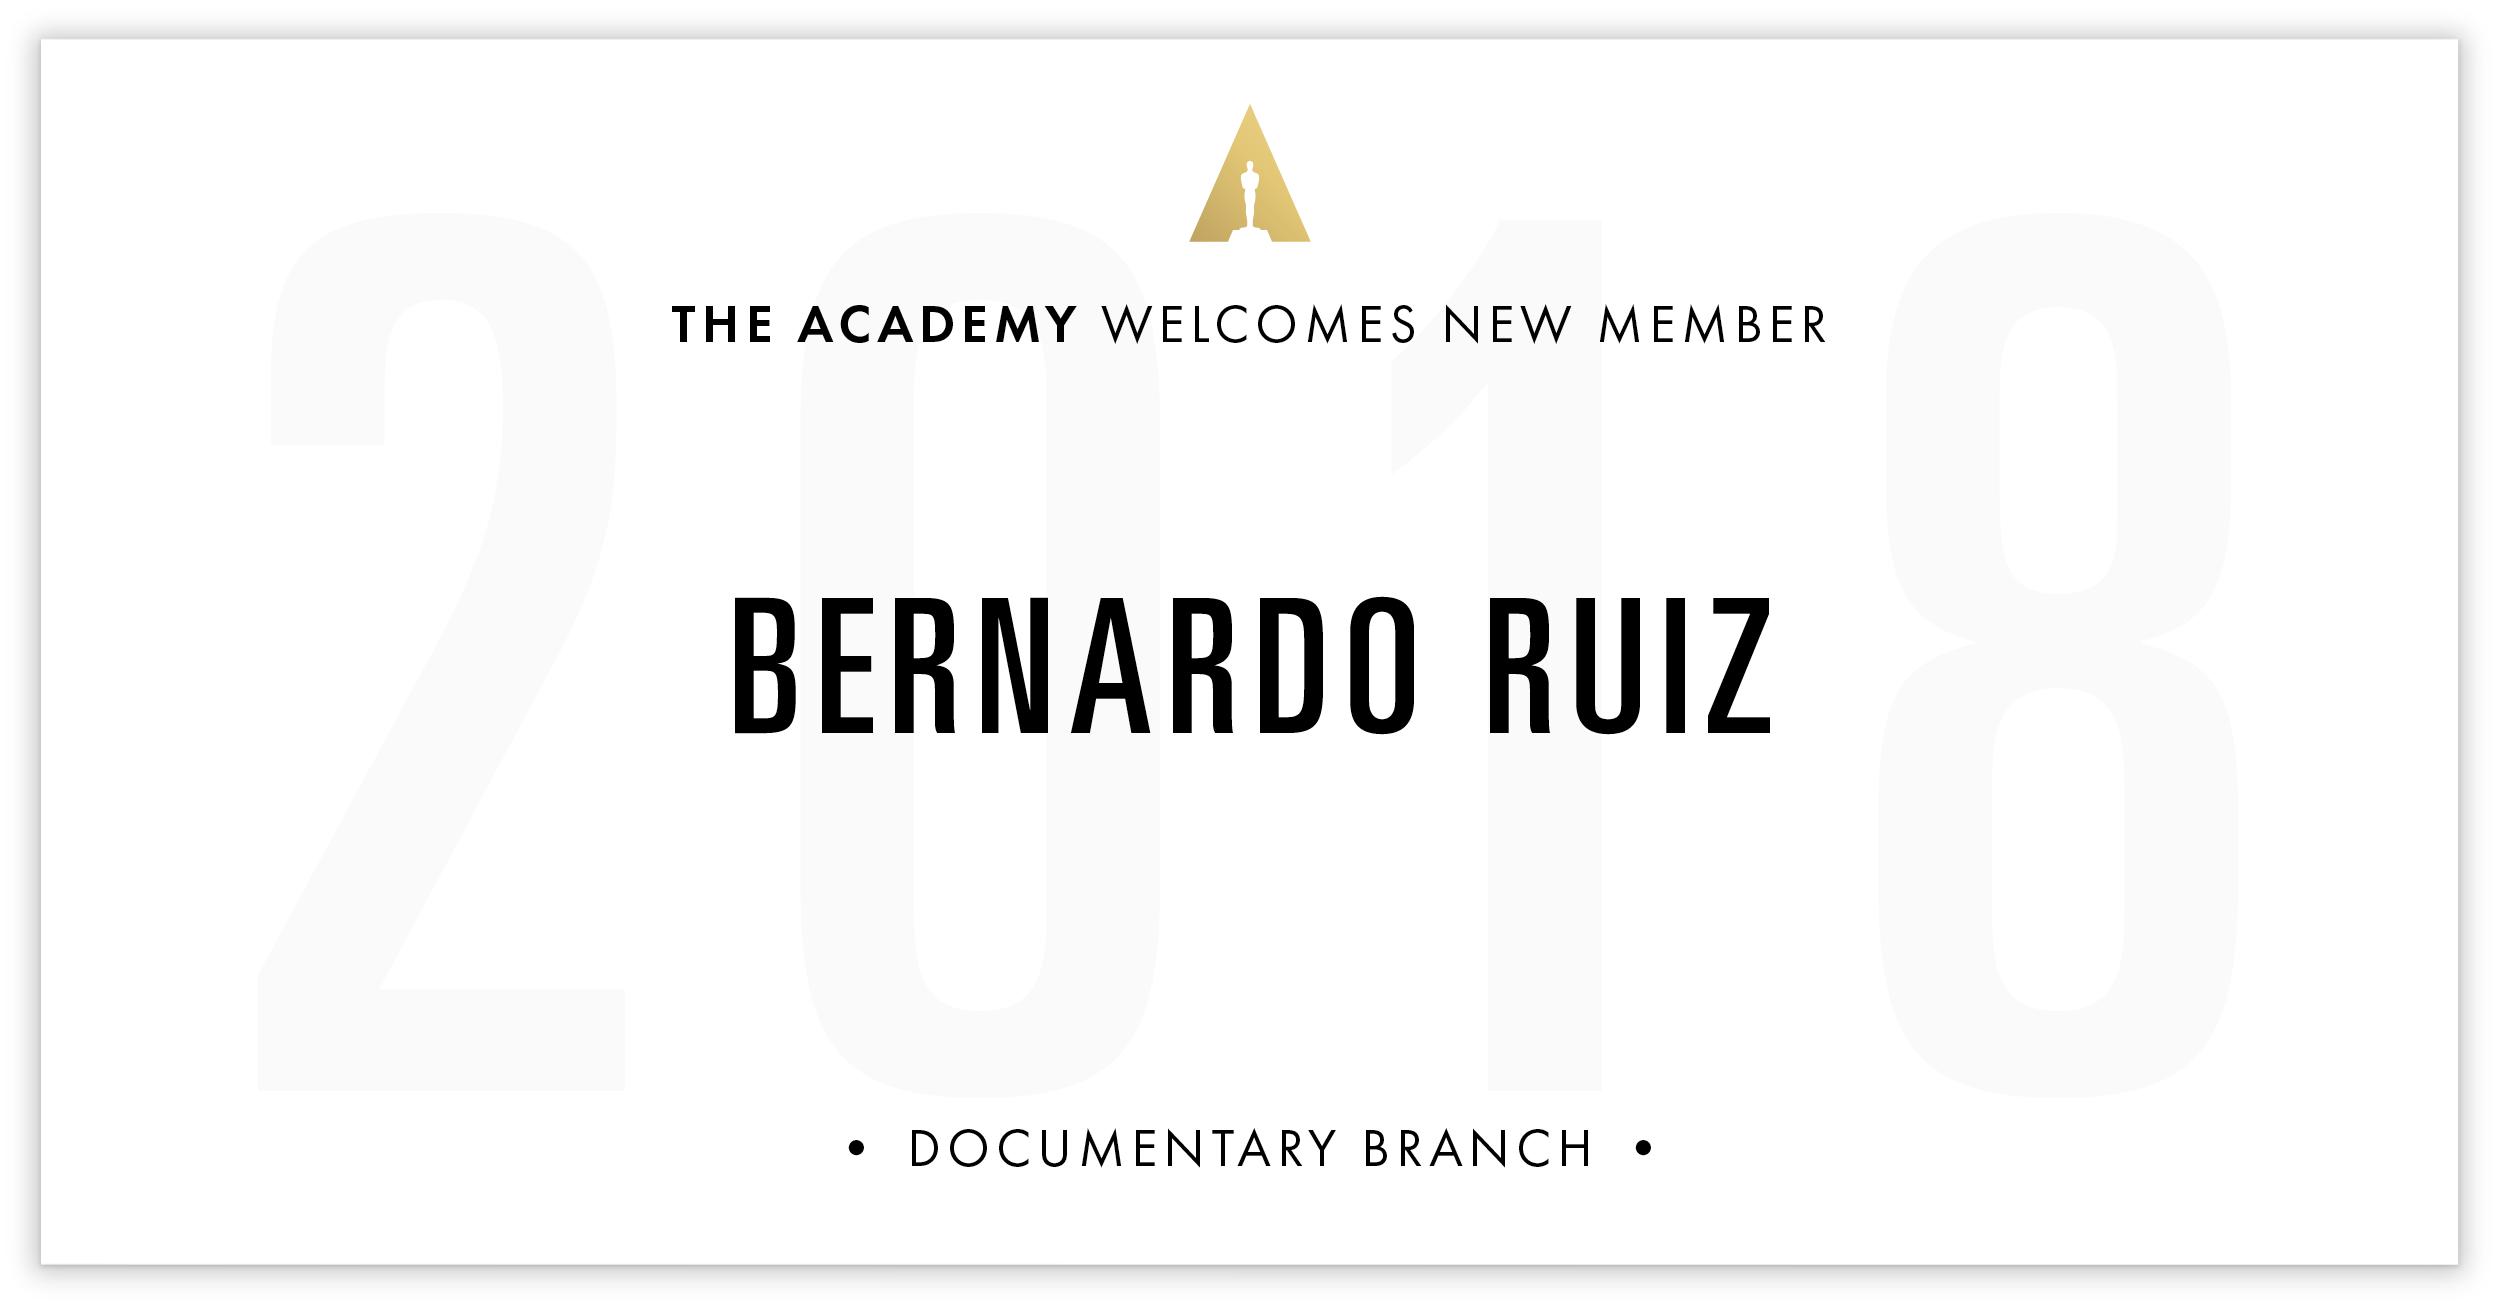 Bernardo Ruiz is invited!